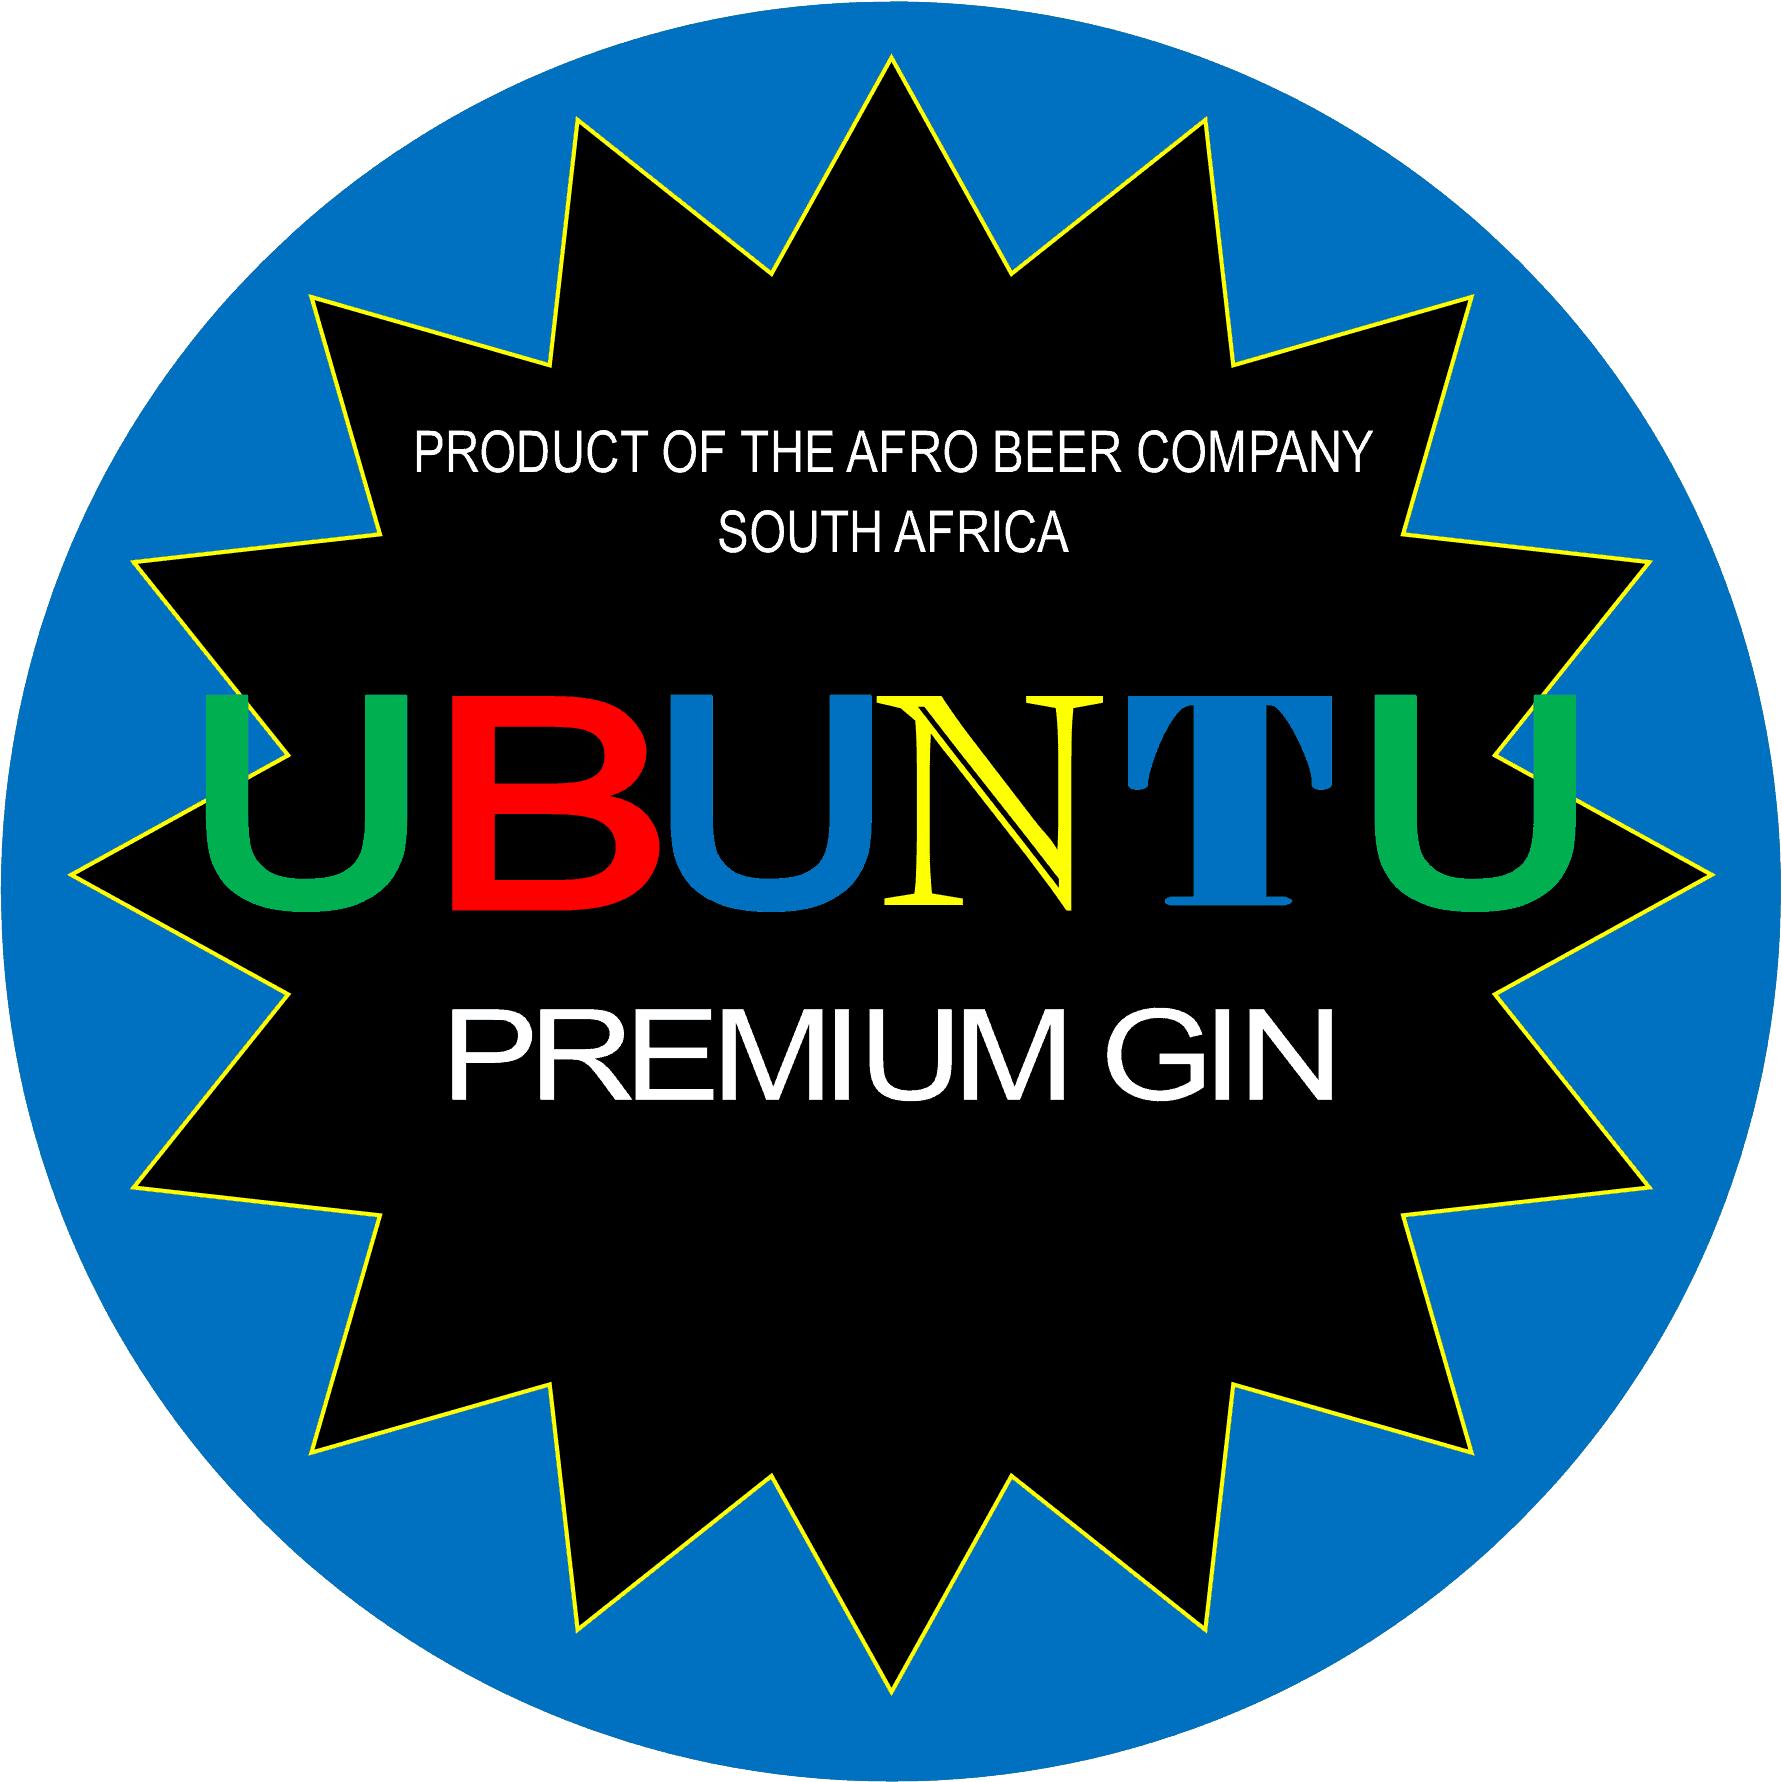 Ubuntu Premium Gin